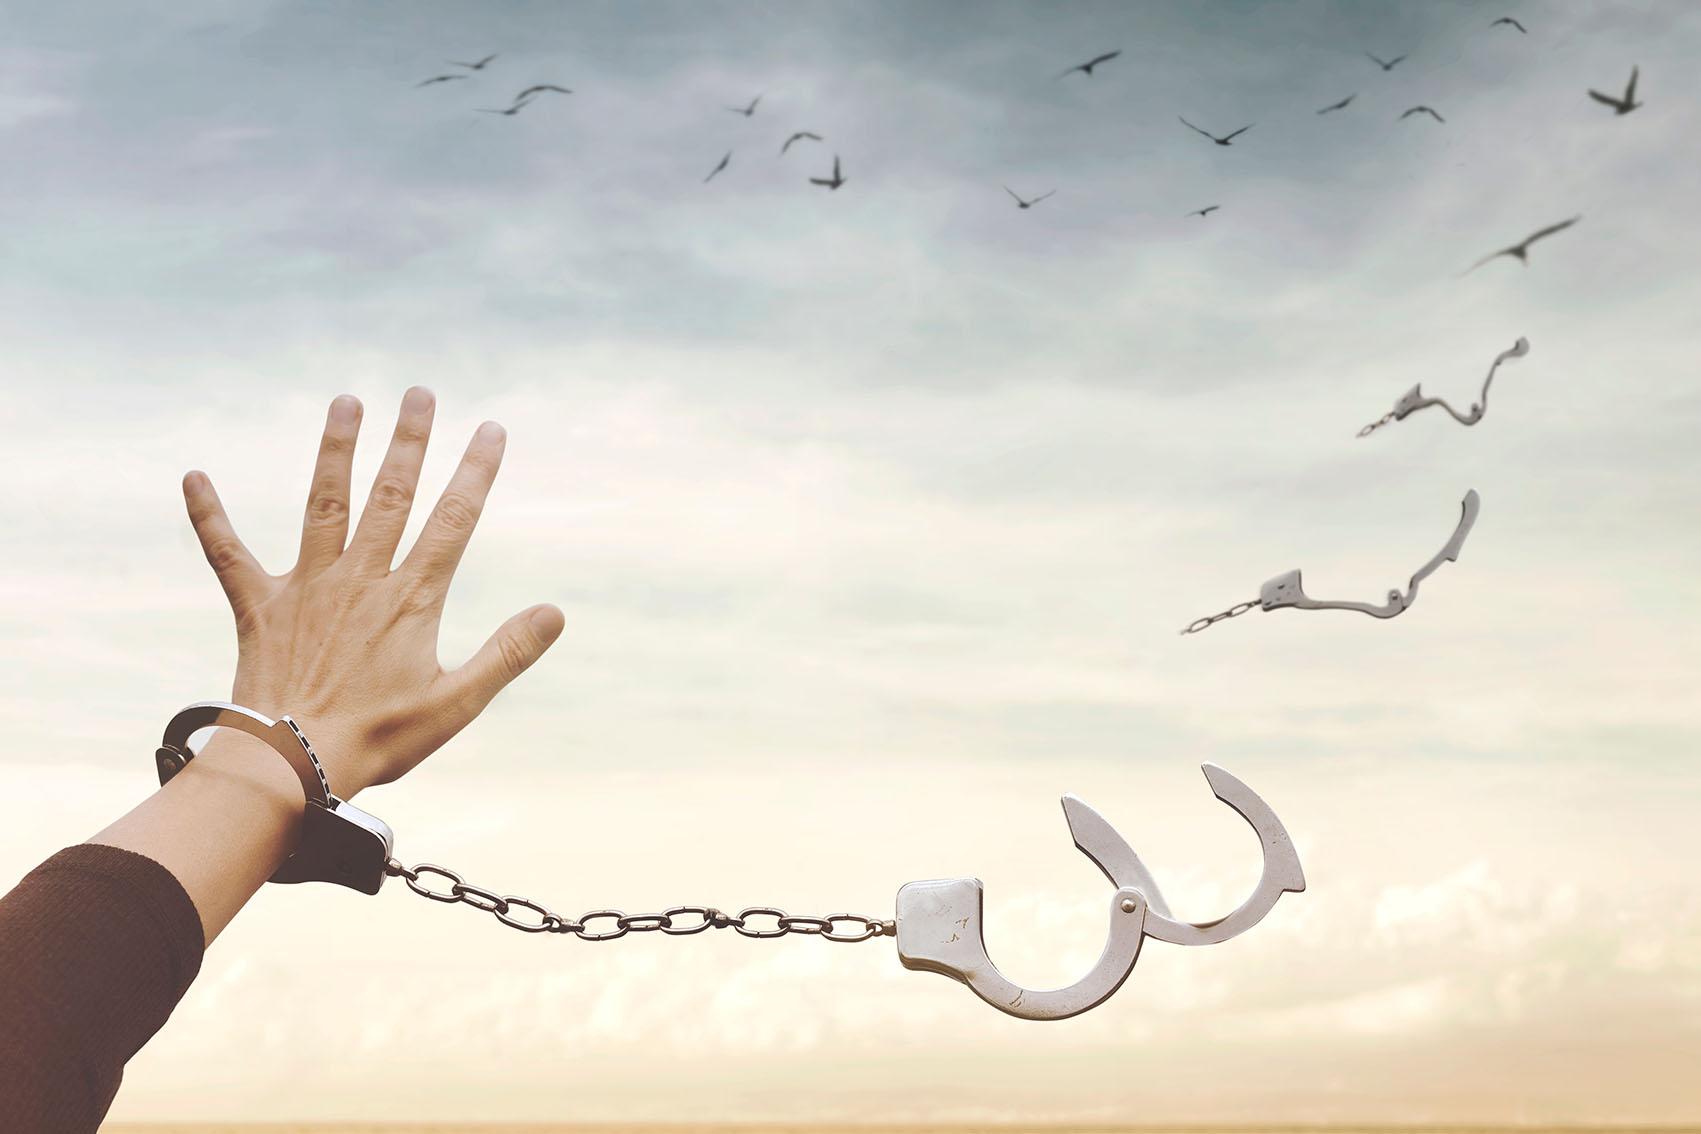 JAK JE LIDSTVO DLOUHODOBĚ OVLÁDÁNO A JAK SE Z TOHO VYMANIT?